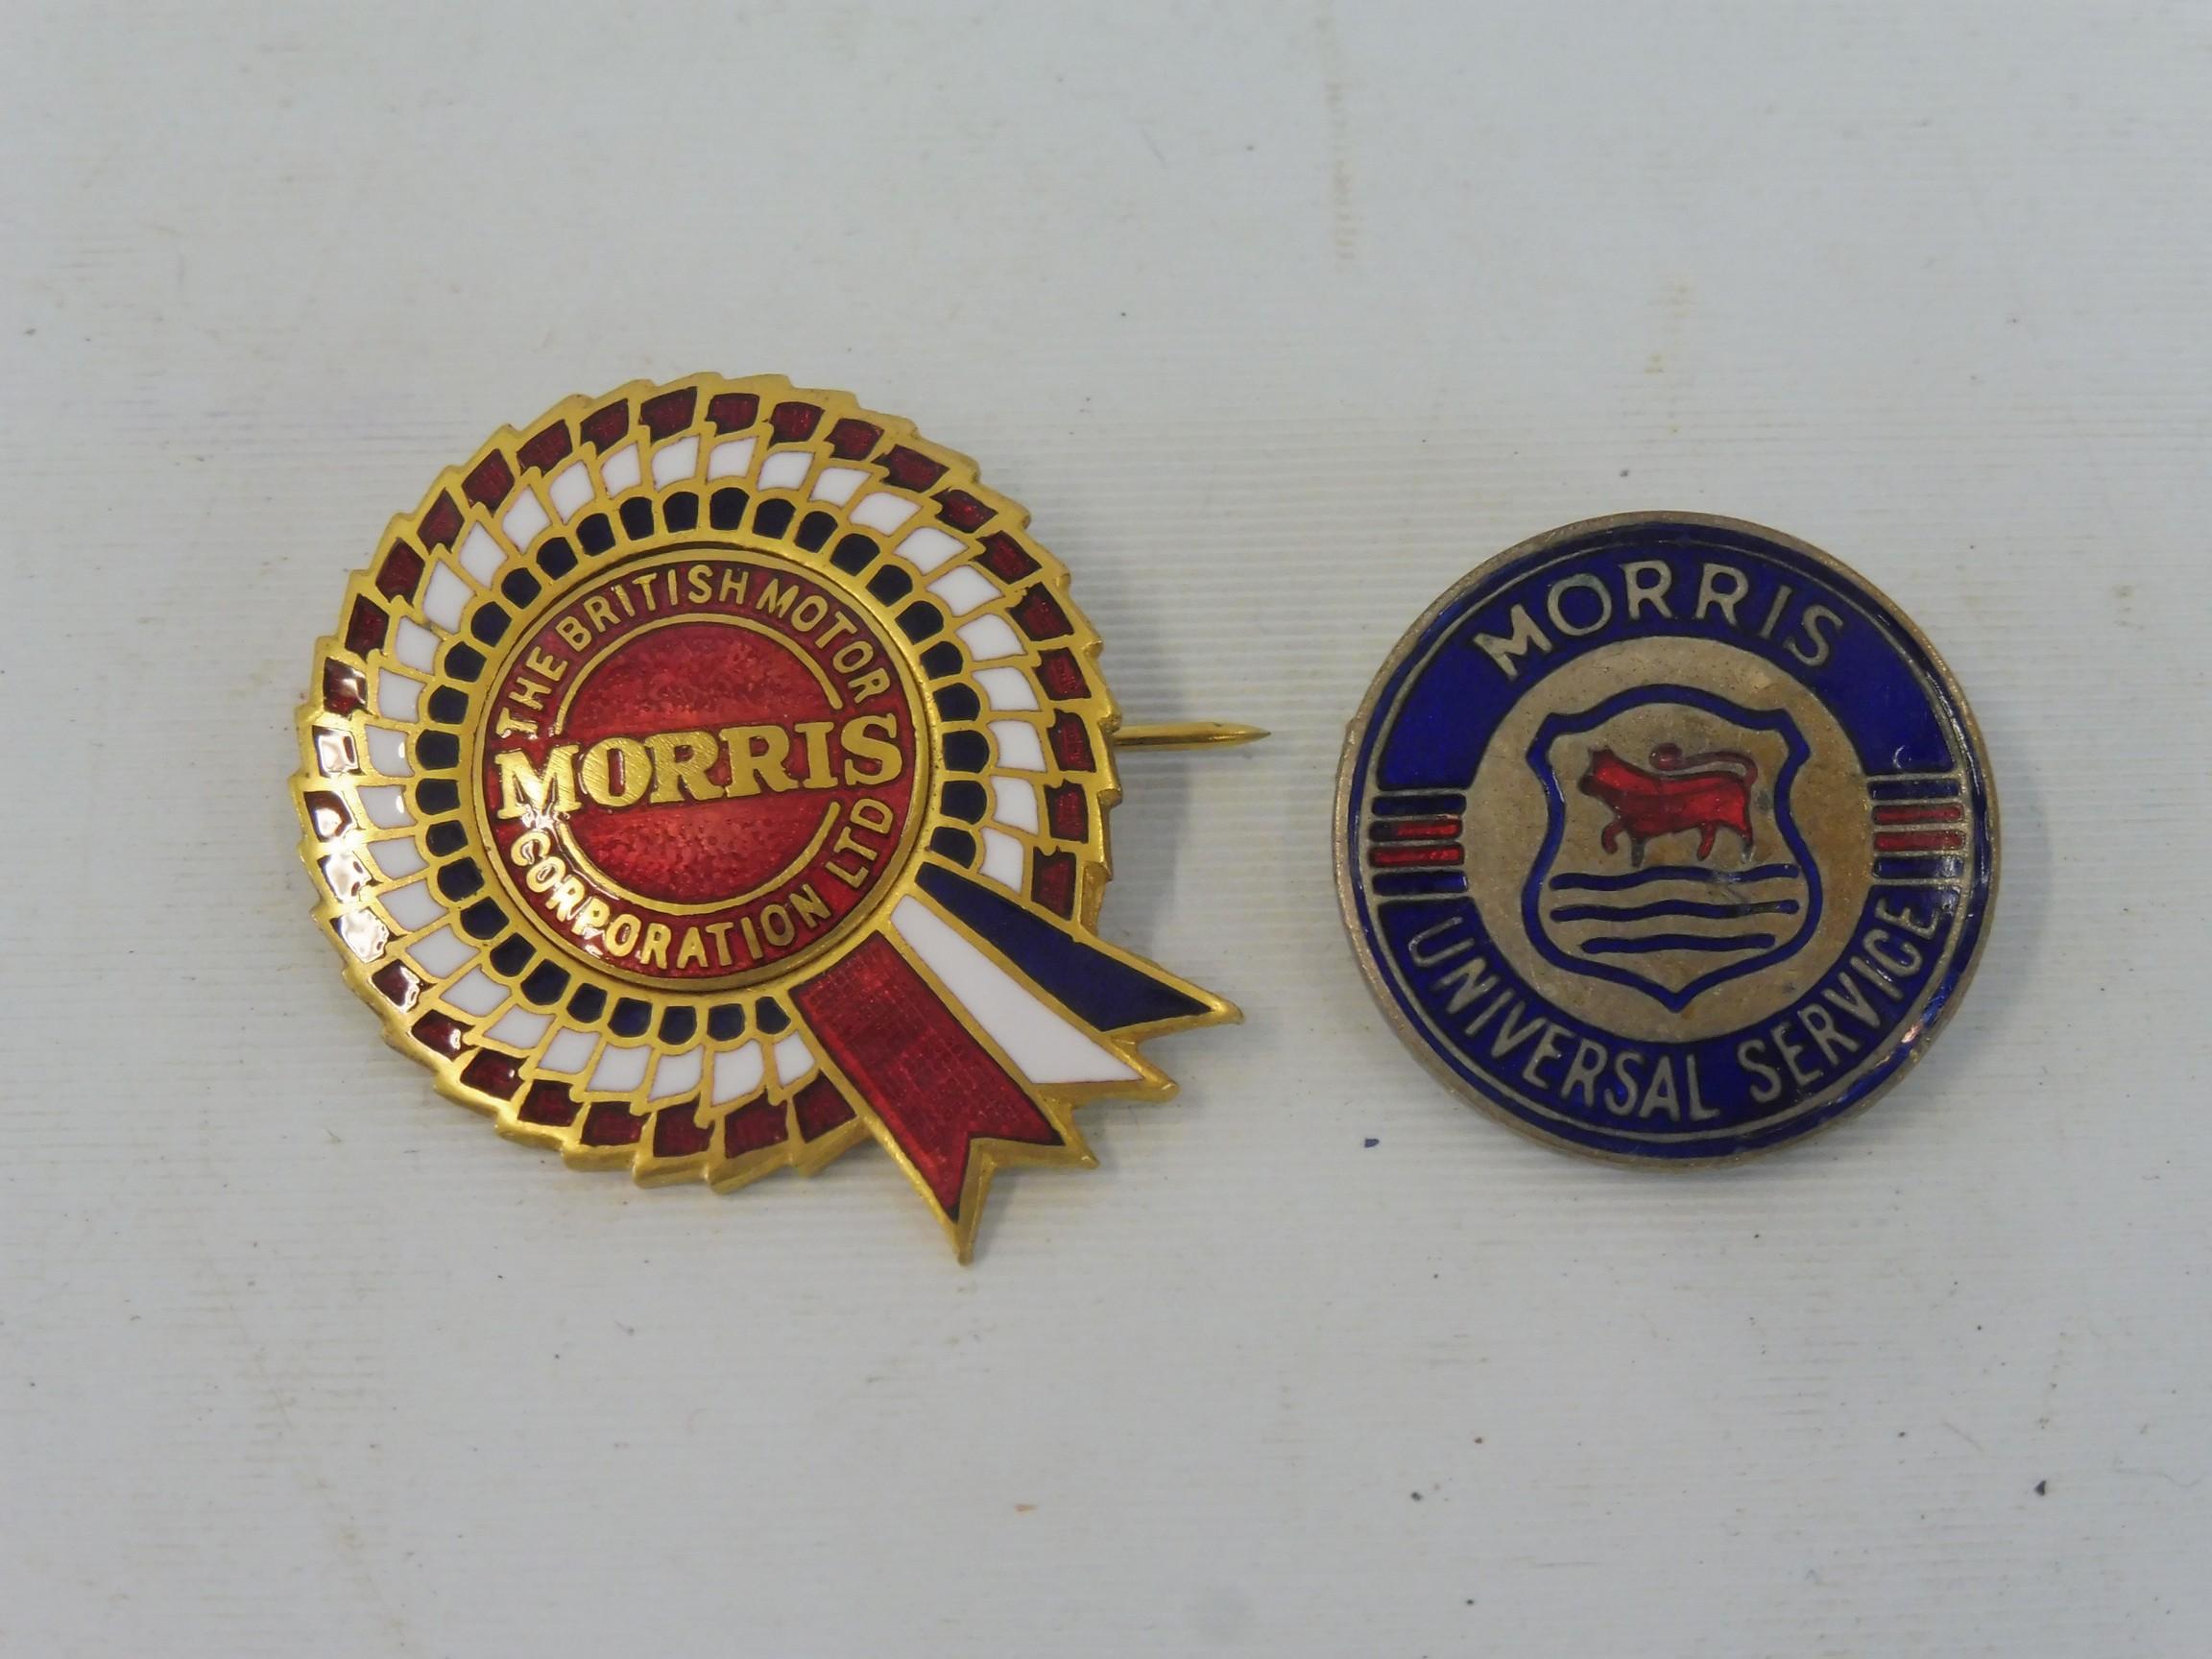 A Morris BMC enamel rosette lapel badge plus a Morris Universal Service badge.